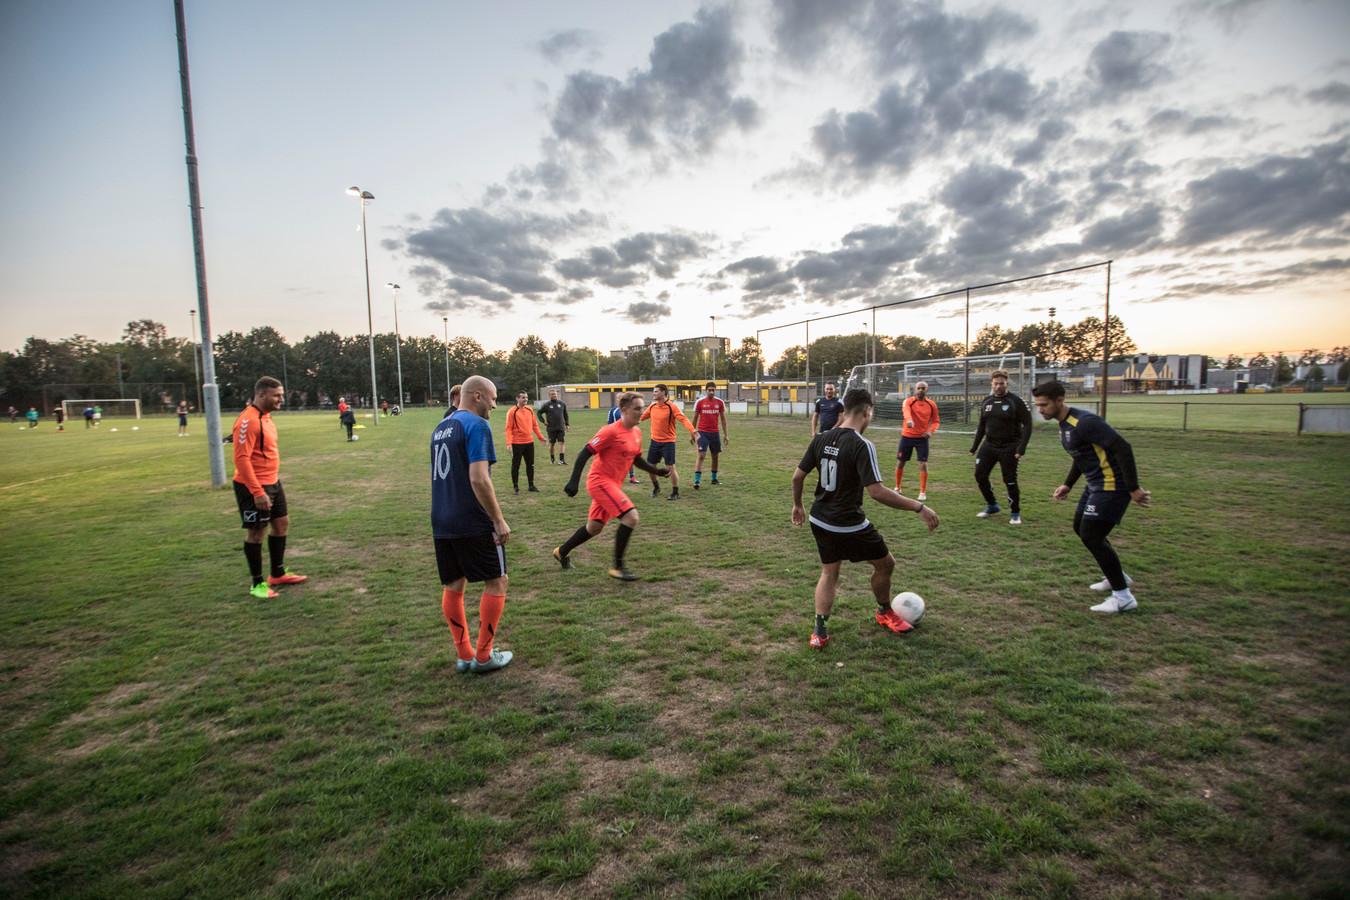 Verenigingen kunnen mogelijk baat hebben bij de komst van de vele arbeidsmigranten. De clubs zijn vaak op zoek naar nieuwe leden en vrijwilligers.